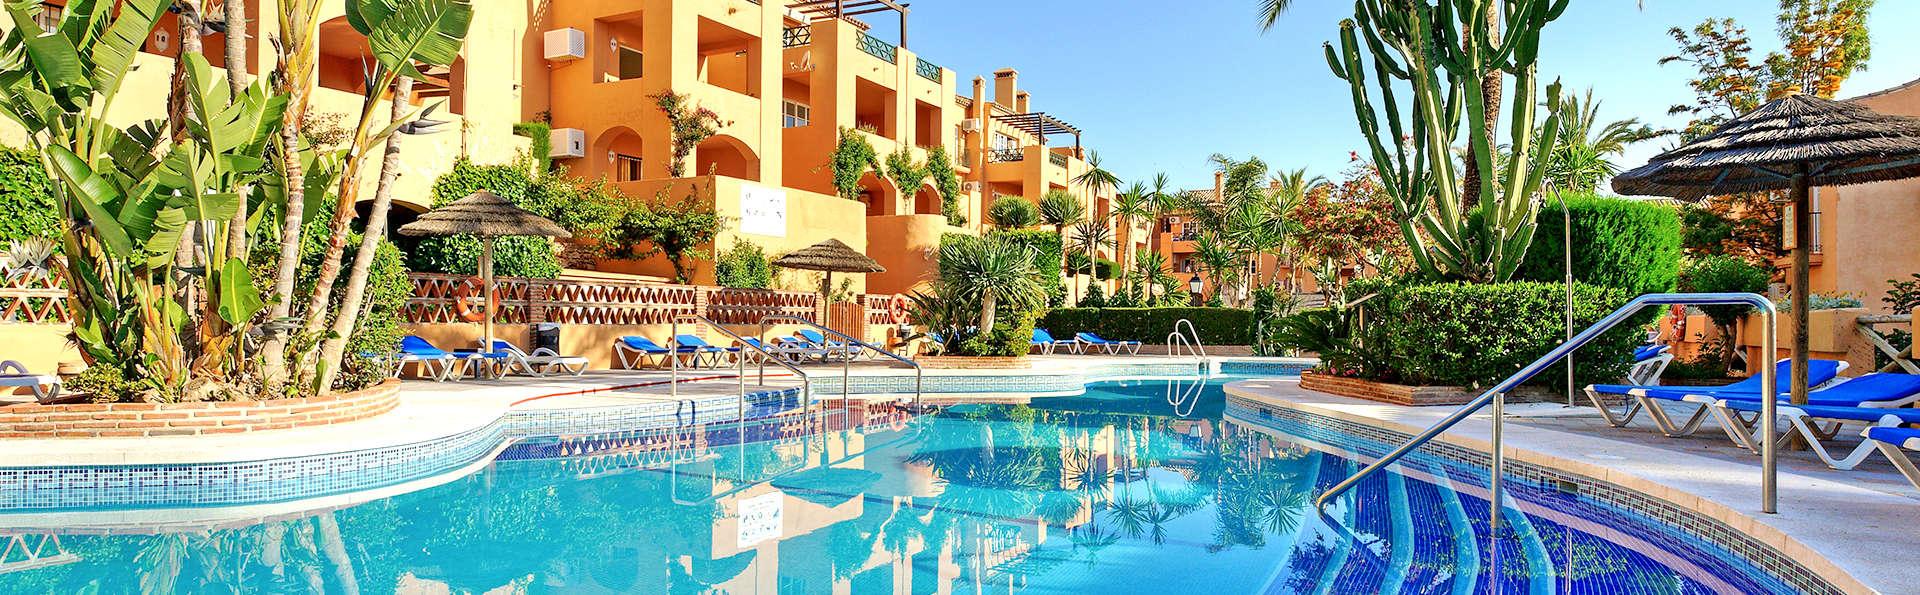 Mijas Costa Oasis by Grangefield Oasis Club - Edit_Pool2.jpg